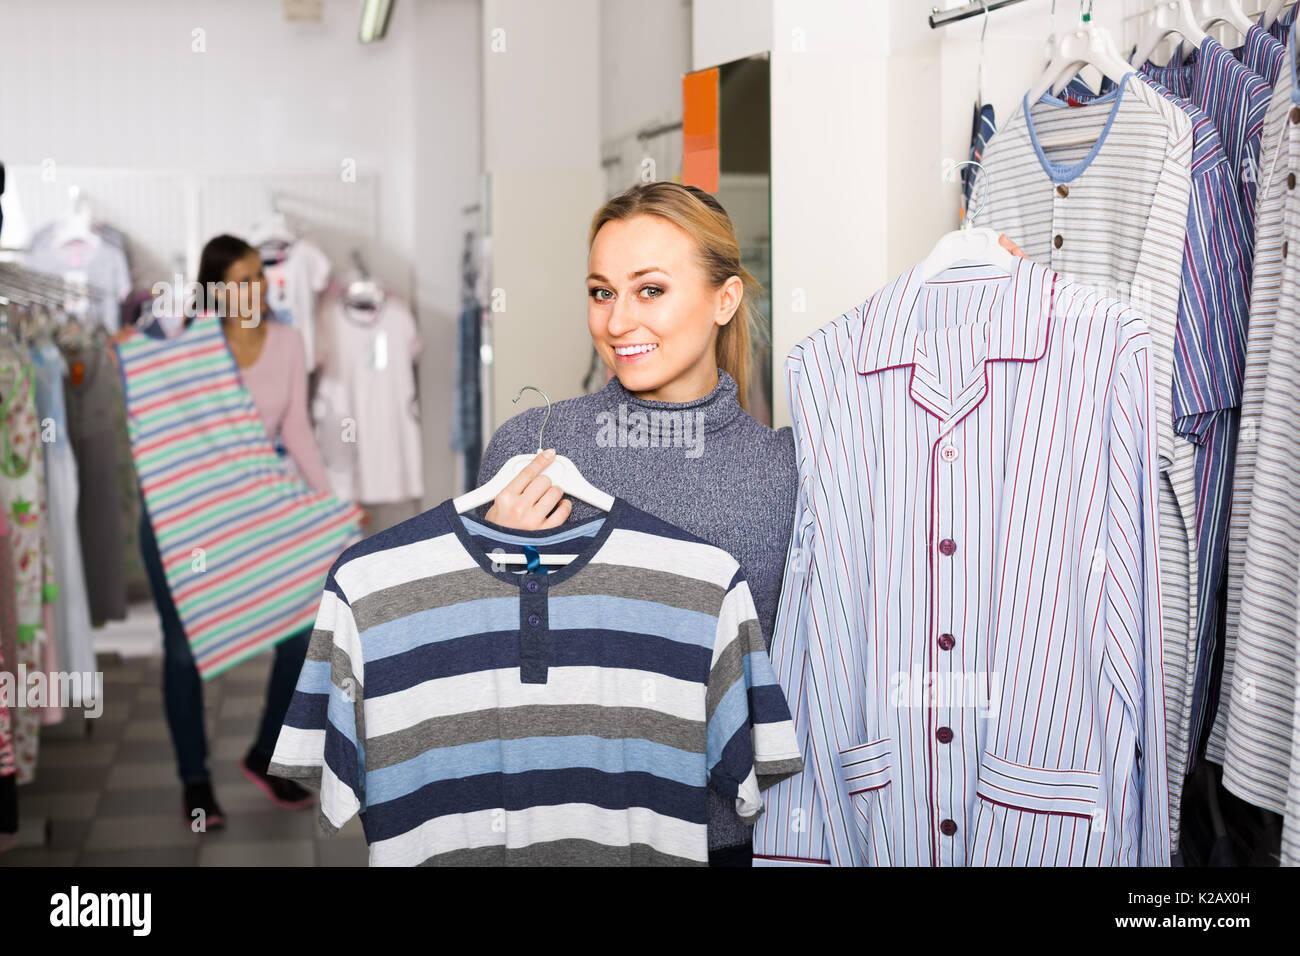 size 40 140f9 019cf Piuttosto giovane donna scelta top pigiami per uomo nel ...